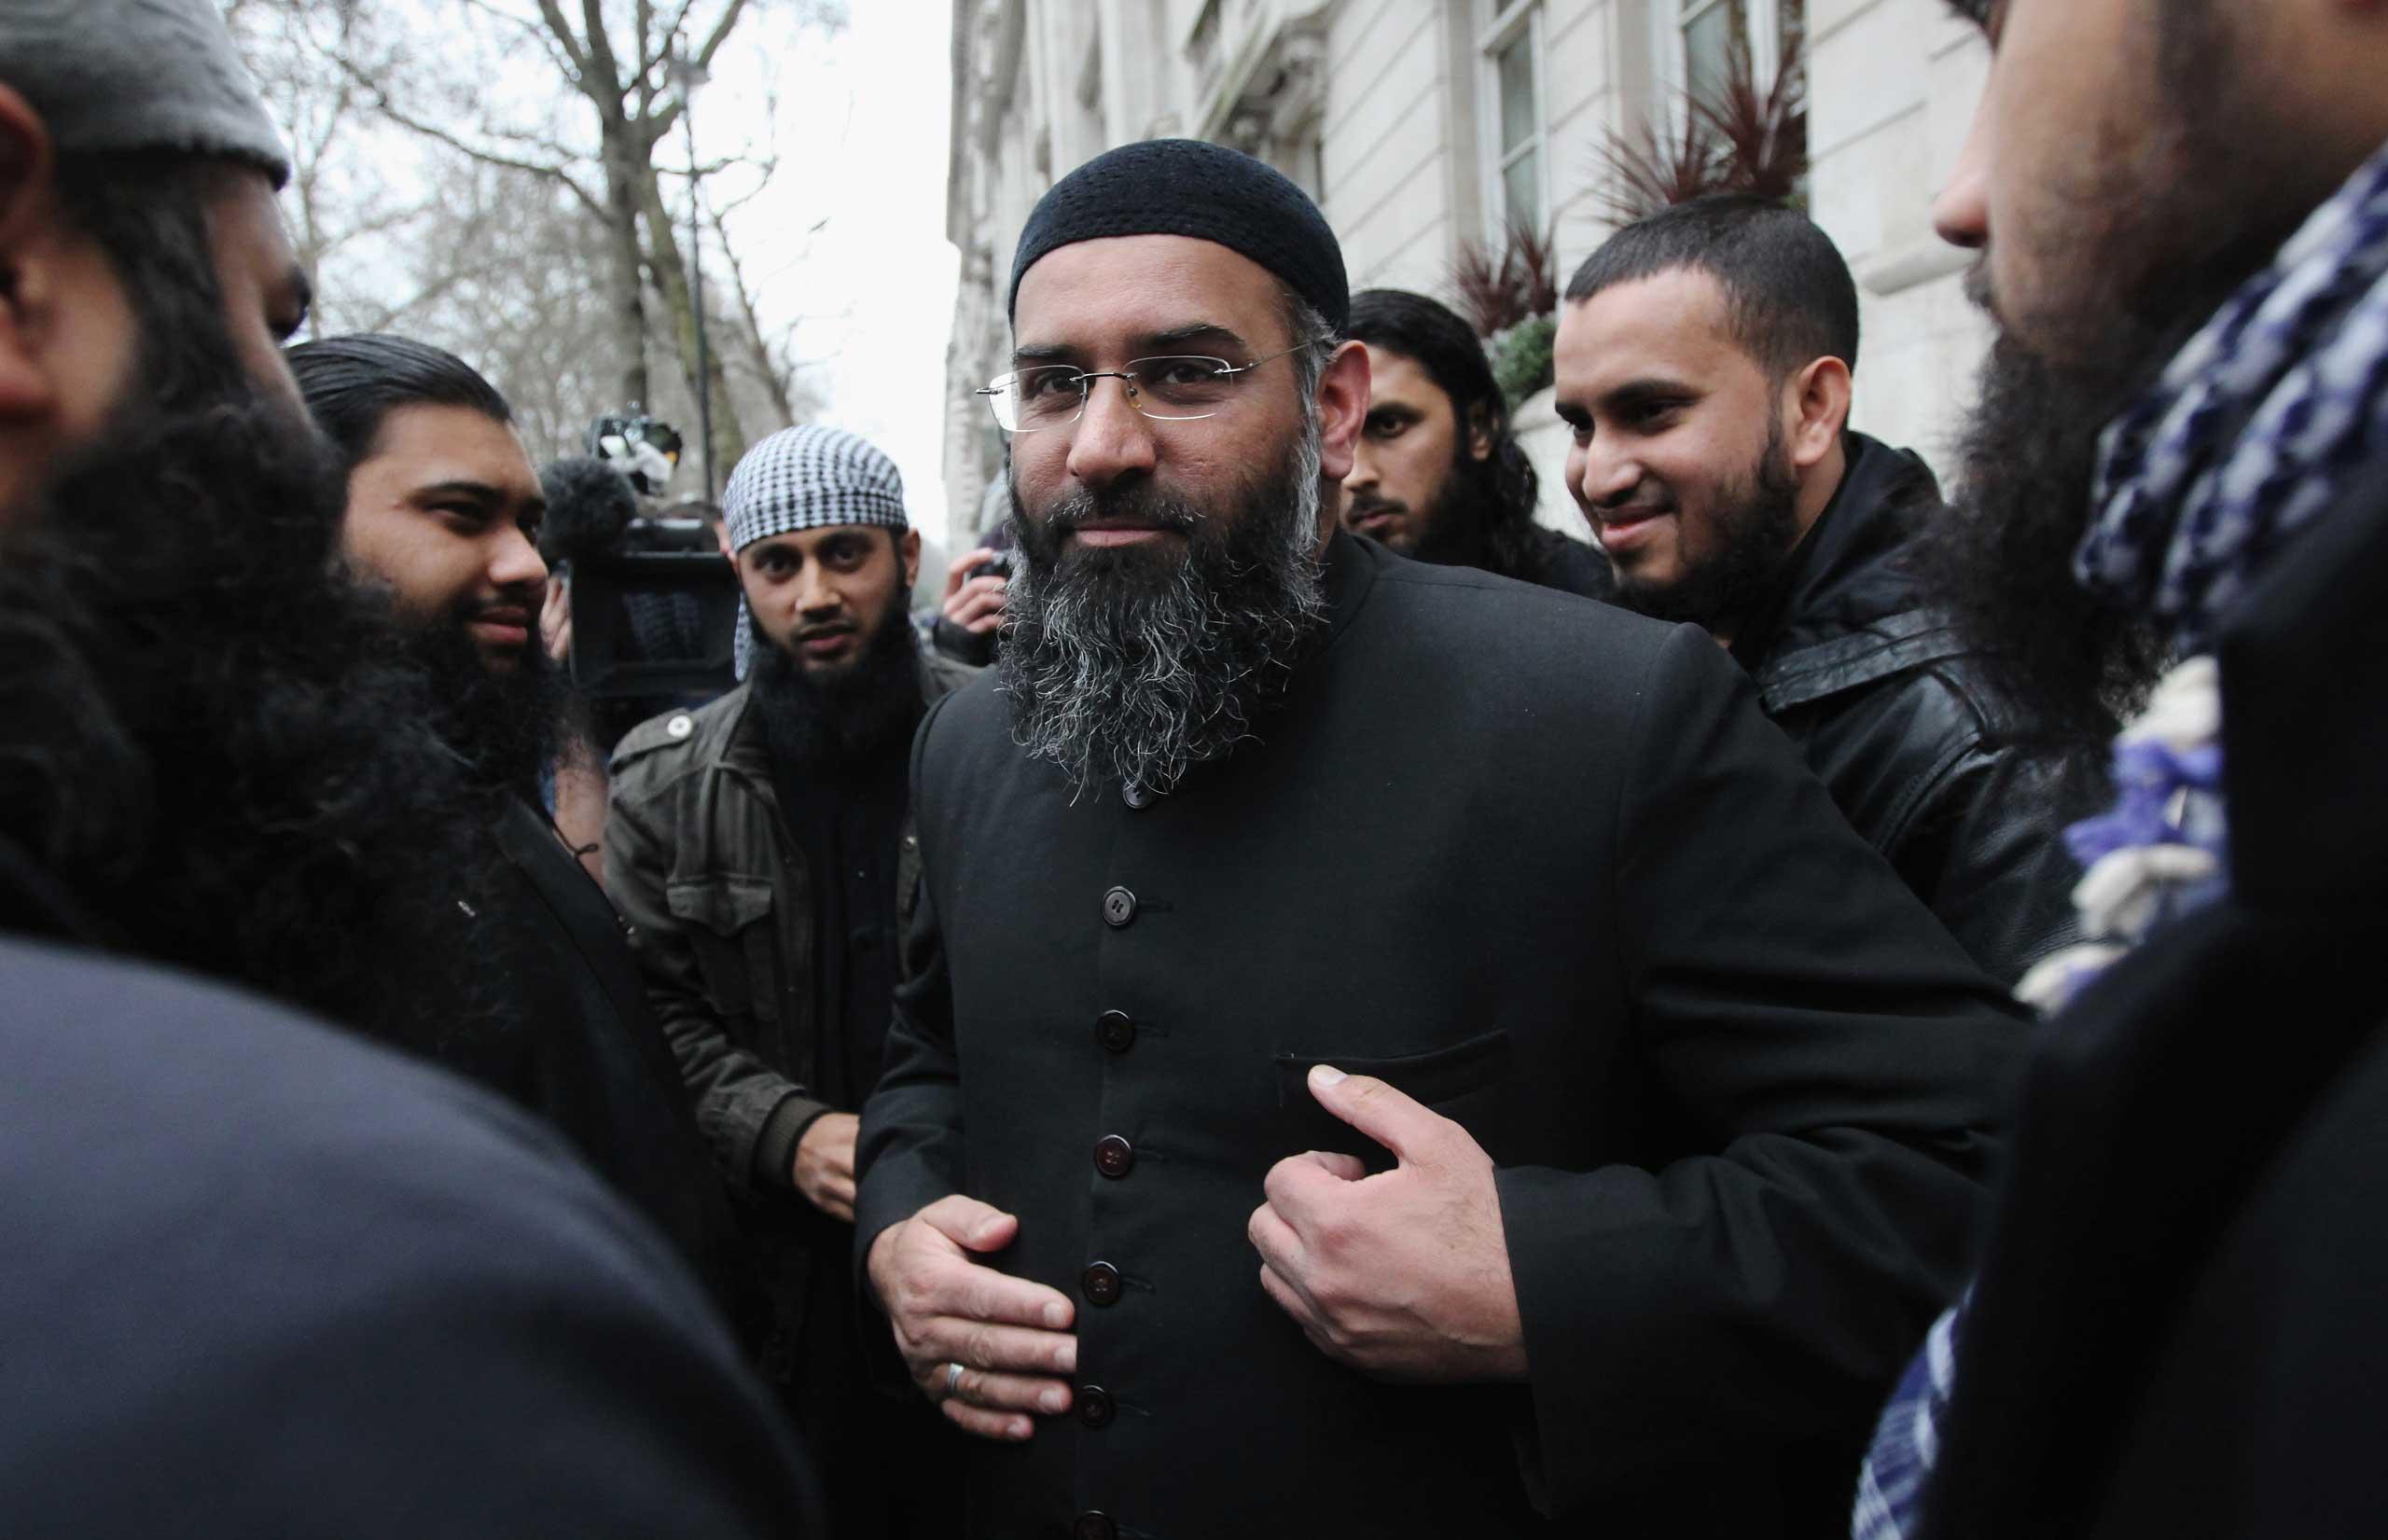 Radikális iszlám hitszónok szerint azért gyilkolták meg a brit képviselőt, mert támogatta Izraelt